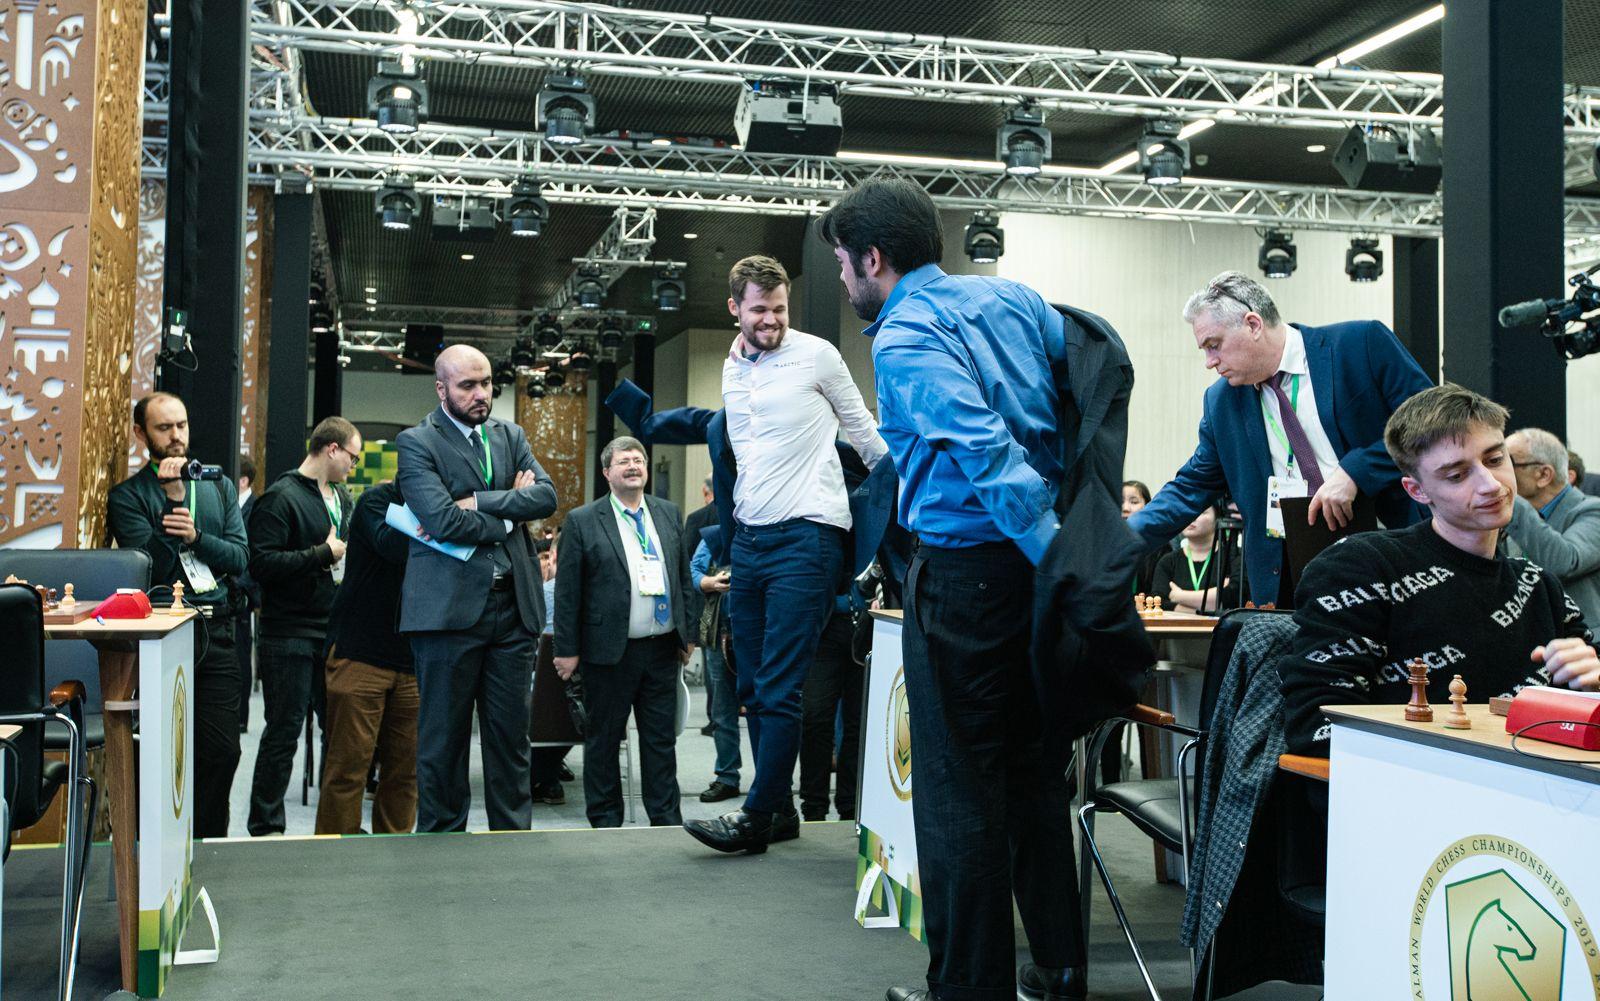 Nakamura Carlsen 2021 World Rapid Chess Championship